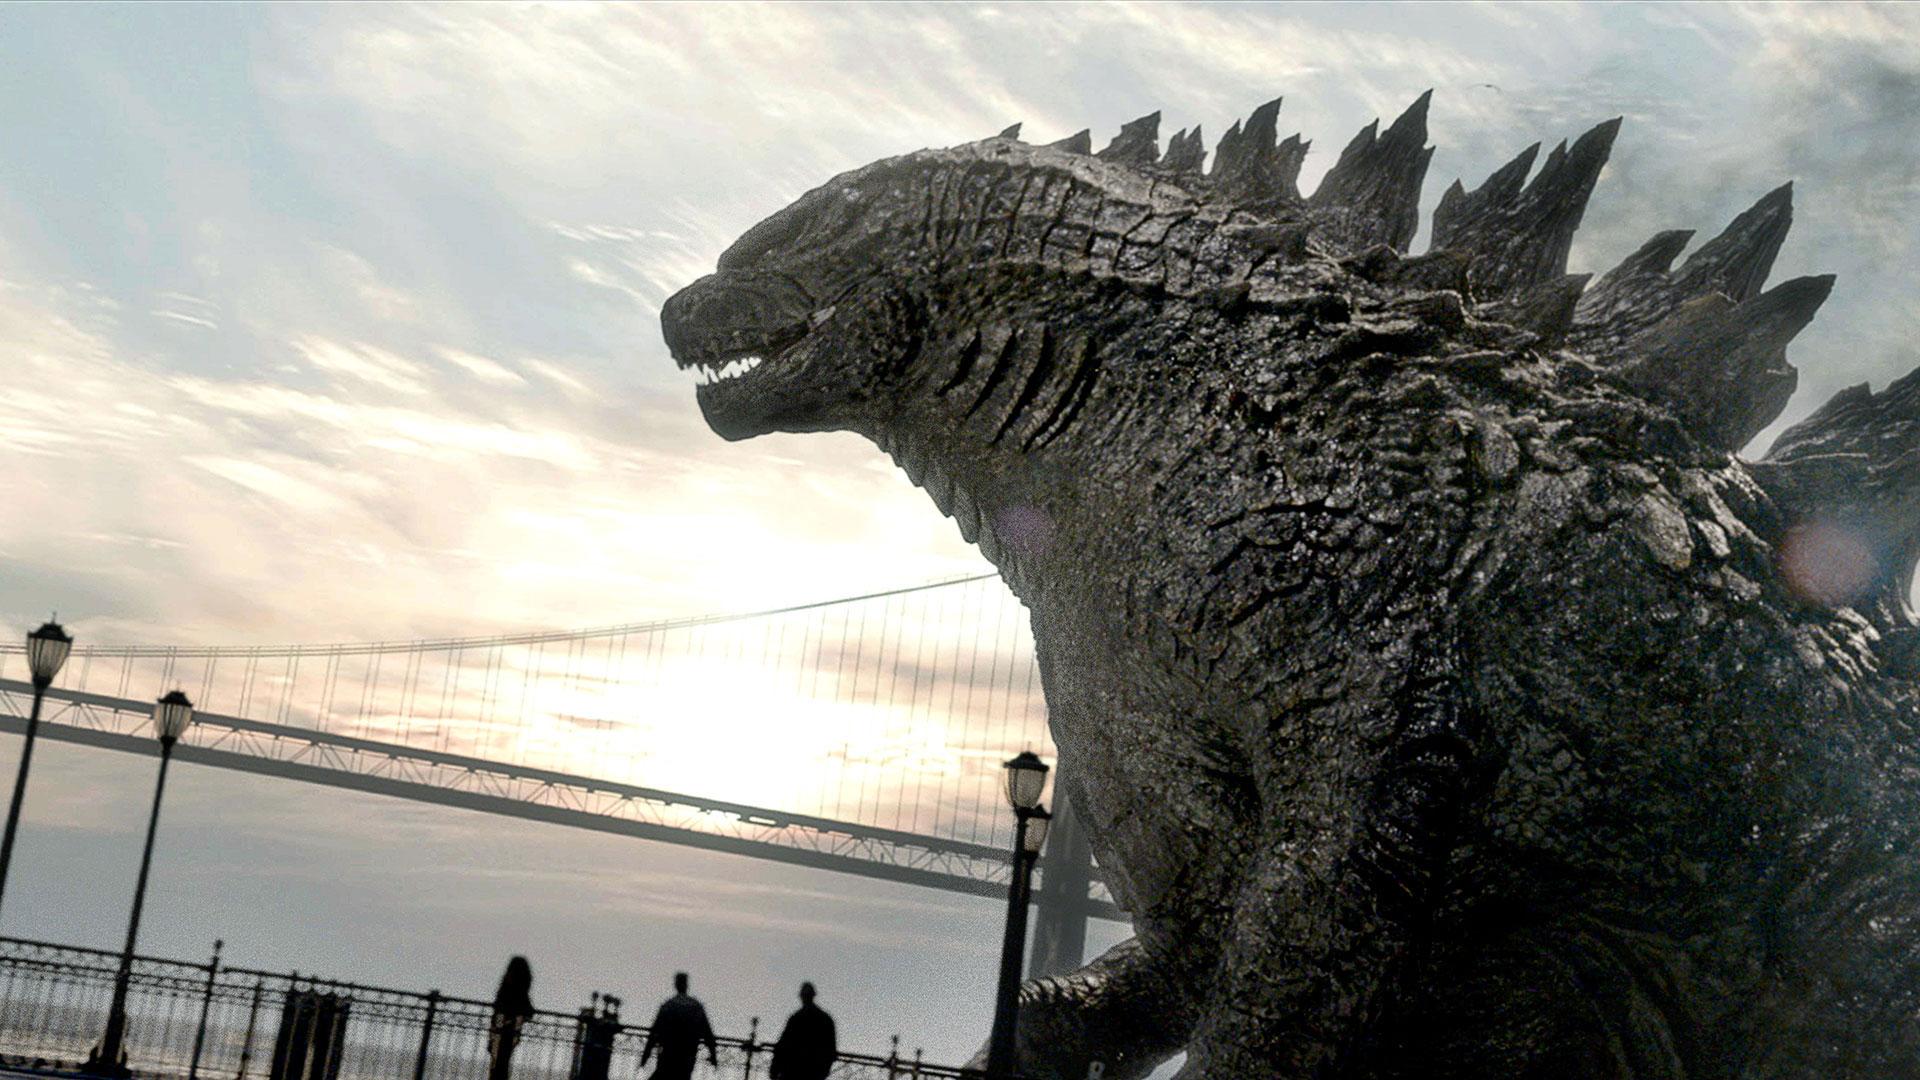 Mit Godzilla ist nicht zu spaßen.